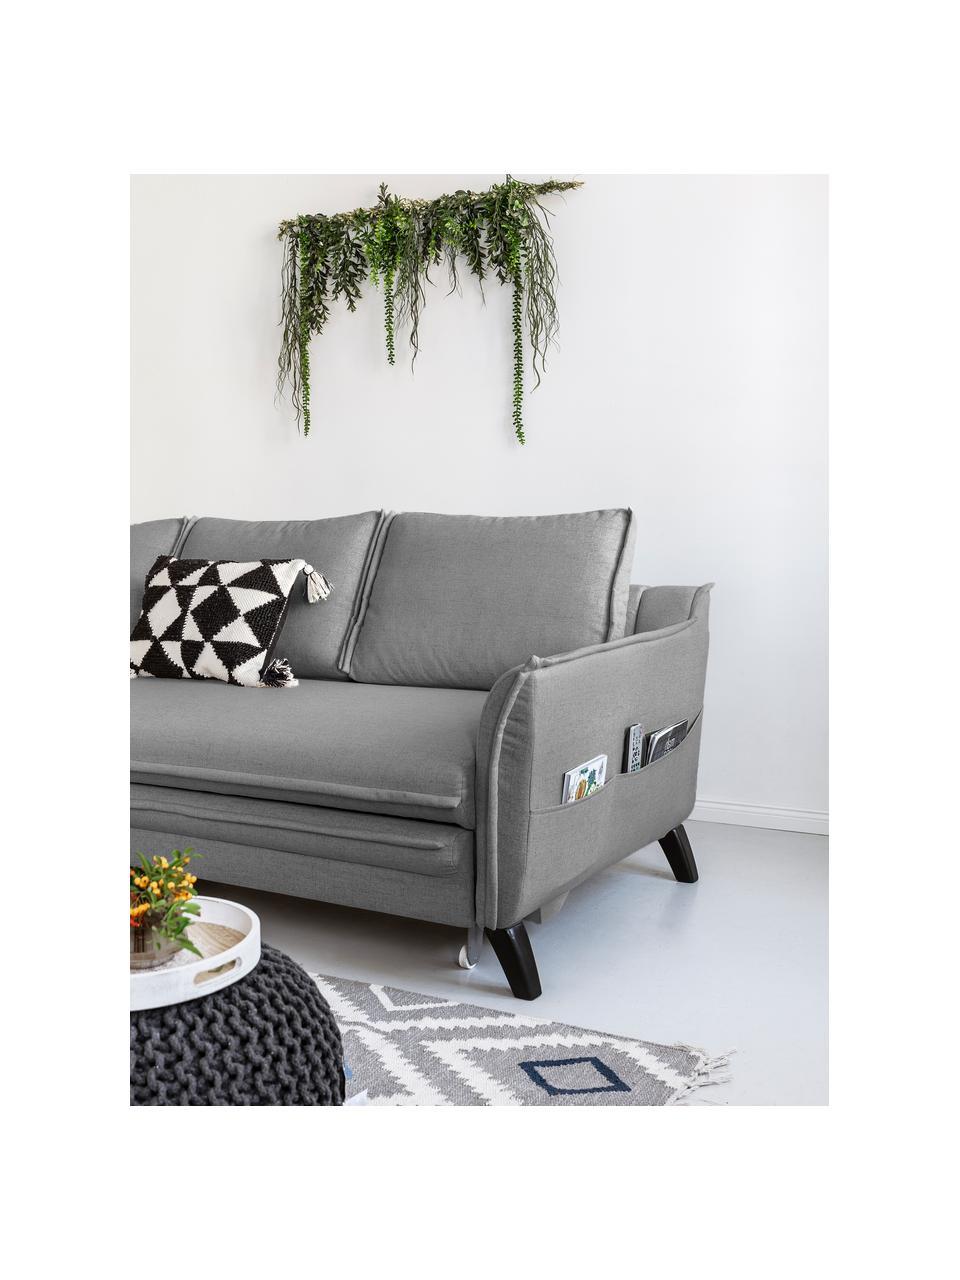 Sofa narożna z funkcją spania i miejscem do przechowywania Charming Charlie, Tapicerka: 100% poliester, w dotyku , Stelaż: drewno naturalne, płyta w, Szary, S 228 x G 150 cm